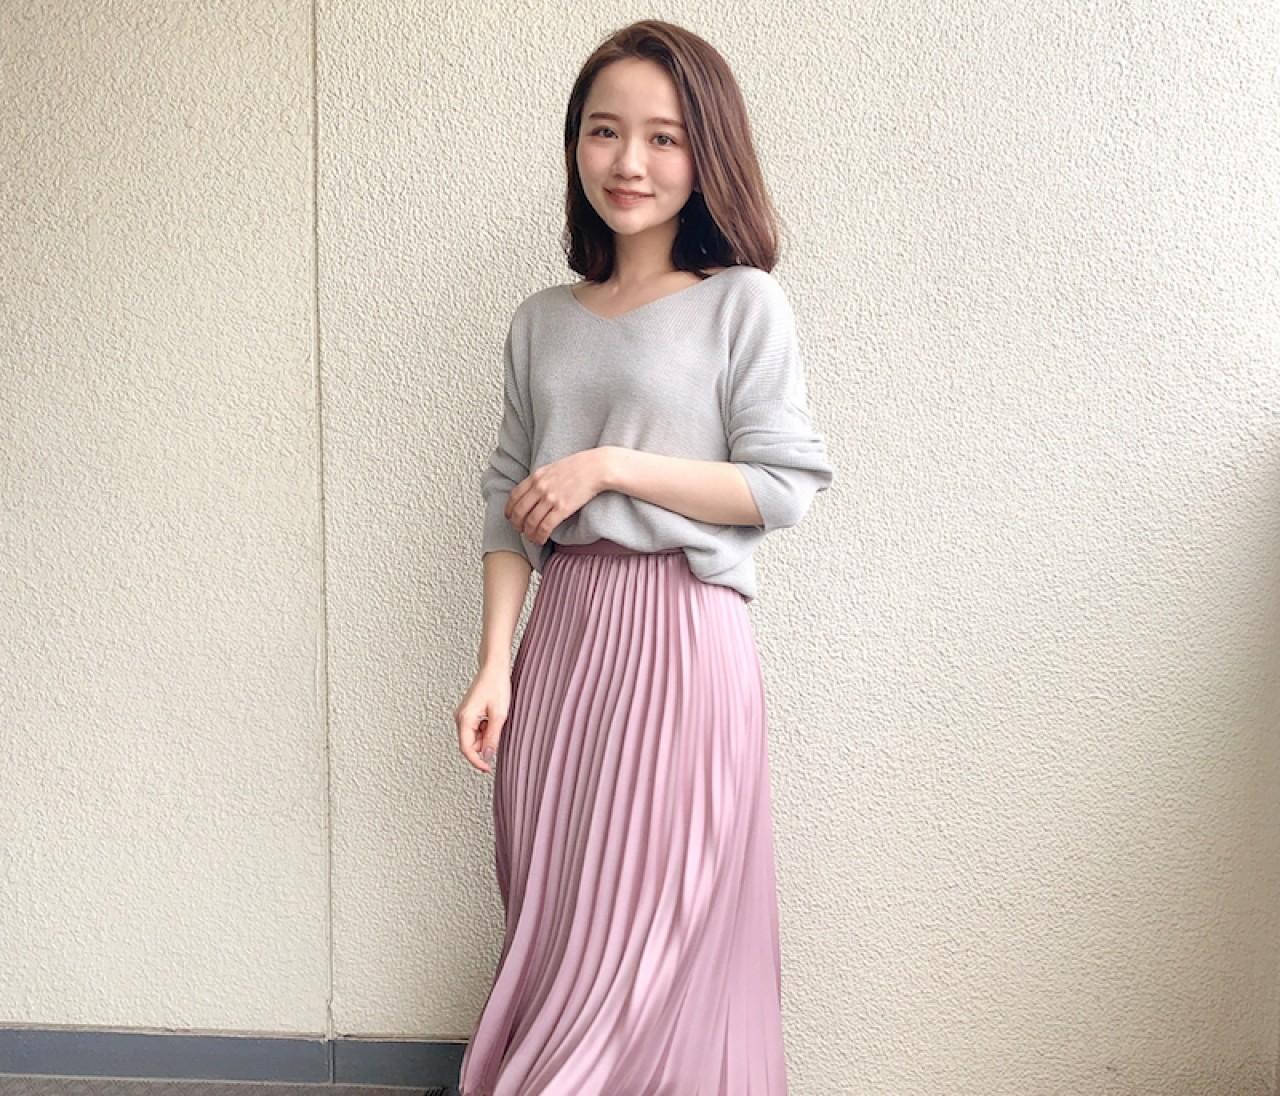 【150cmコーデ】春は着映えるスカートさえあればOK!今の季節に着たい、桜色プリーツスカート。